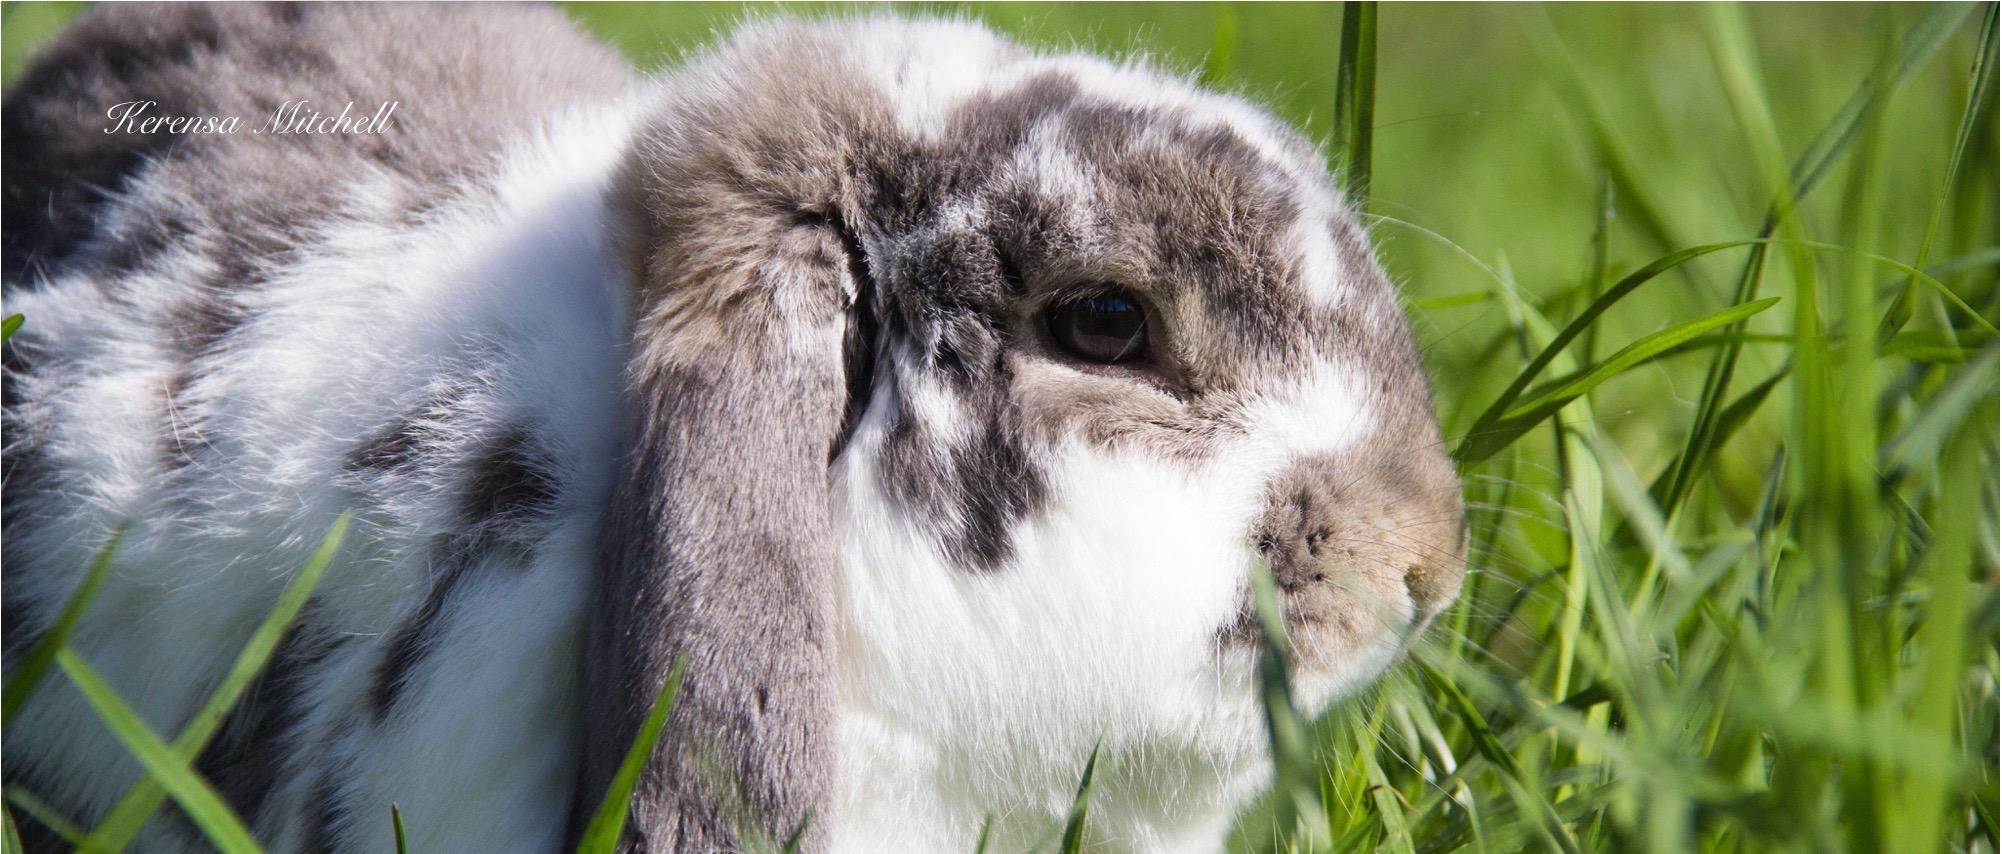 Kerensa Mitchell - Bunny Rabbit